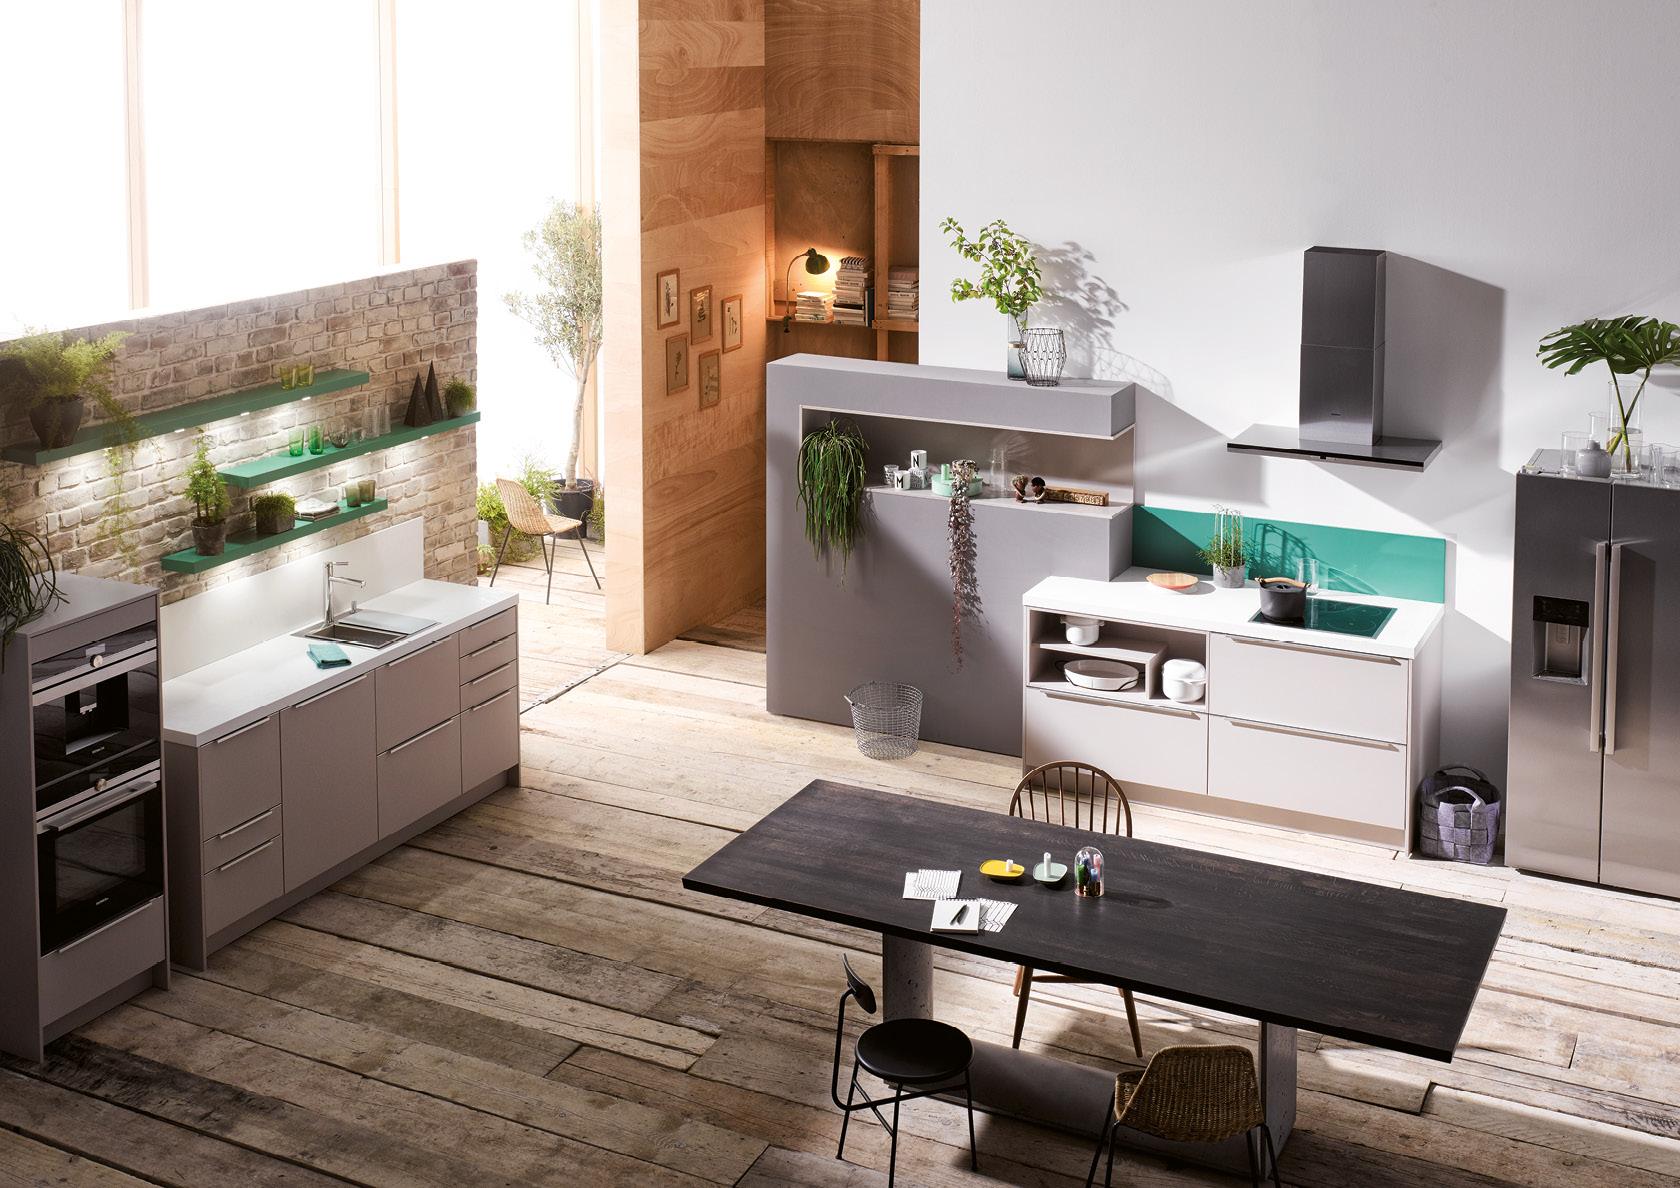 kchen wuppertal kchen wuppertal stunning granit steel grey mit sple with best ebay kche kaufen. Black Bedroom Furniture Sets. Home Design Ideas